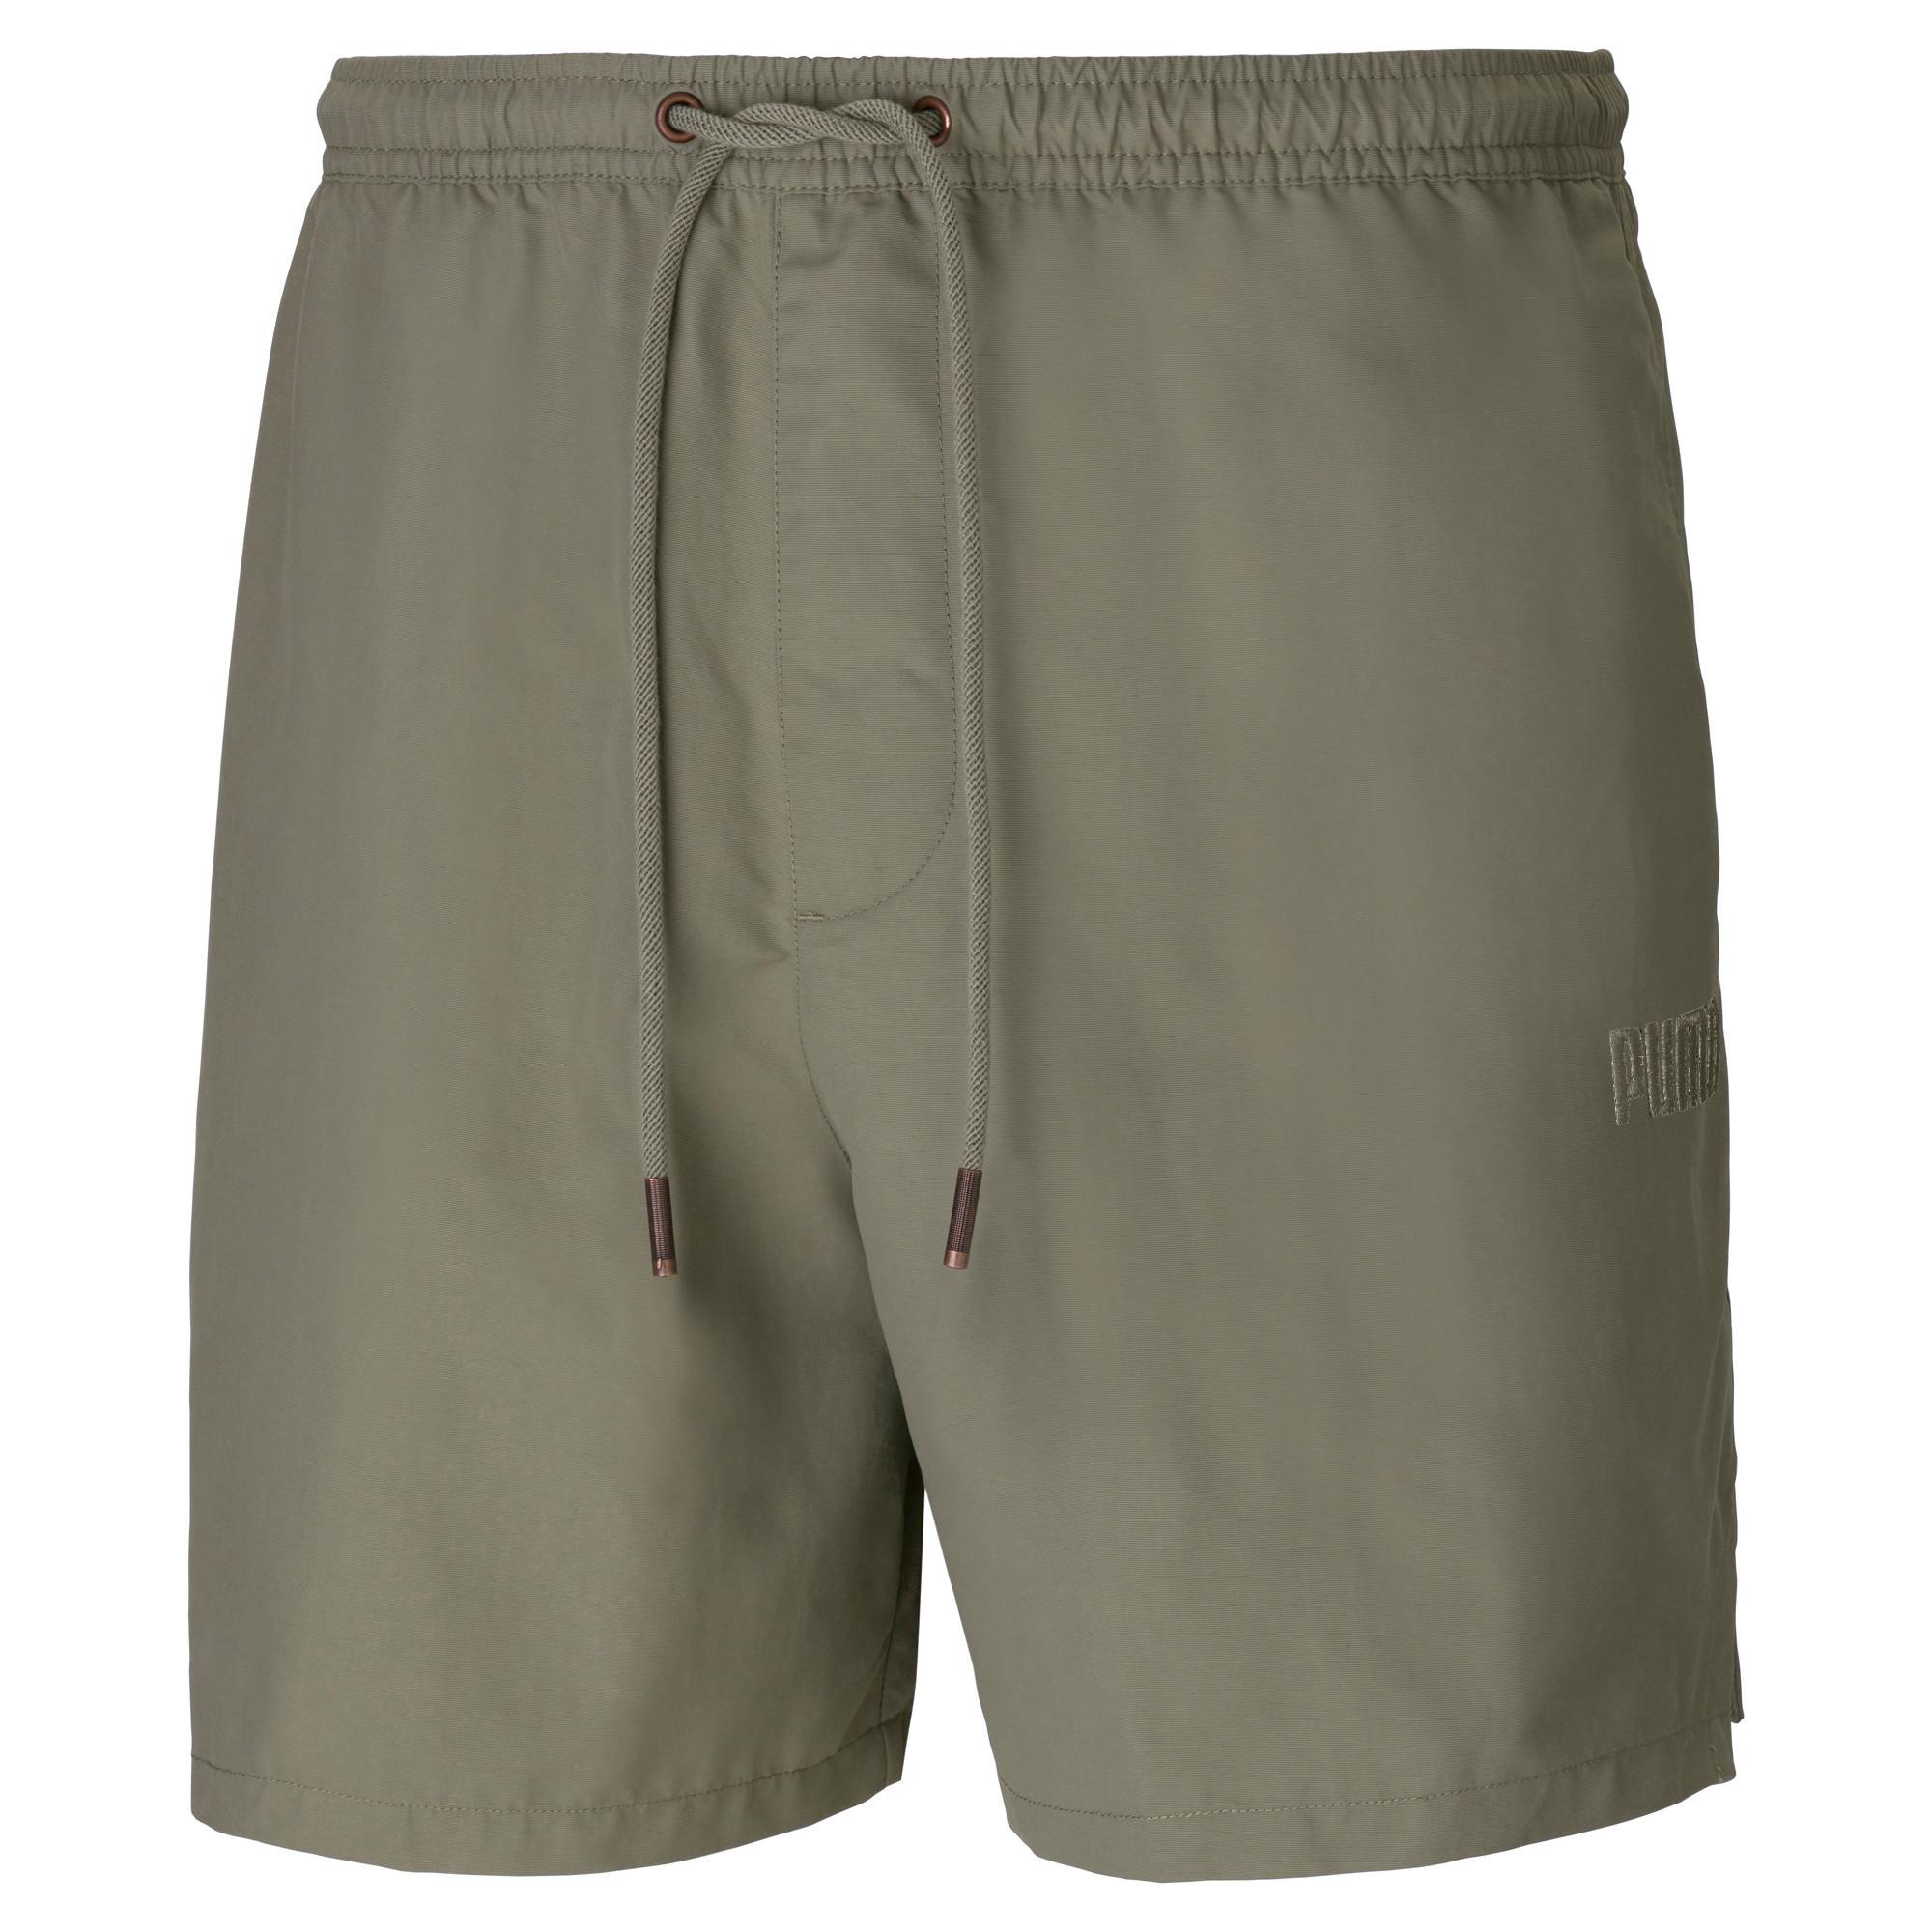 Shorts uomo, Beige, large image number 0